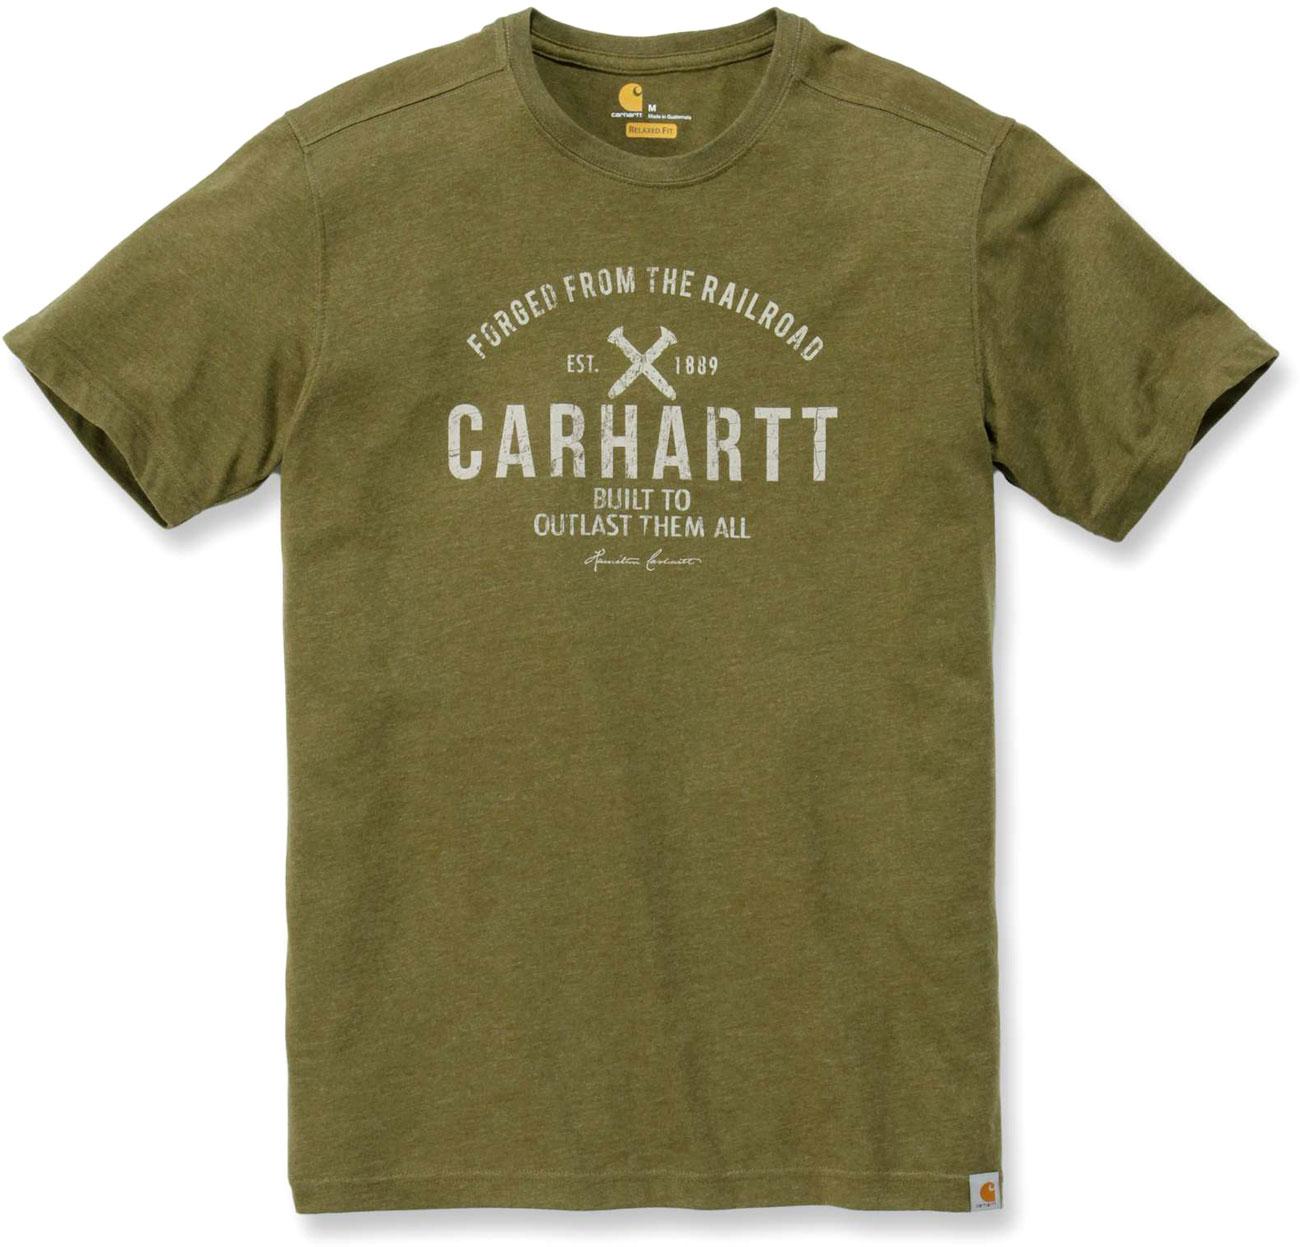 Carhartt Emea Outlast, T-Shirt - Grün/Weiß - XL .103658.397.S007